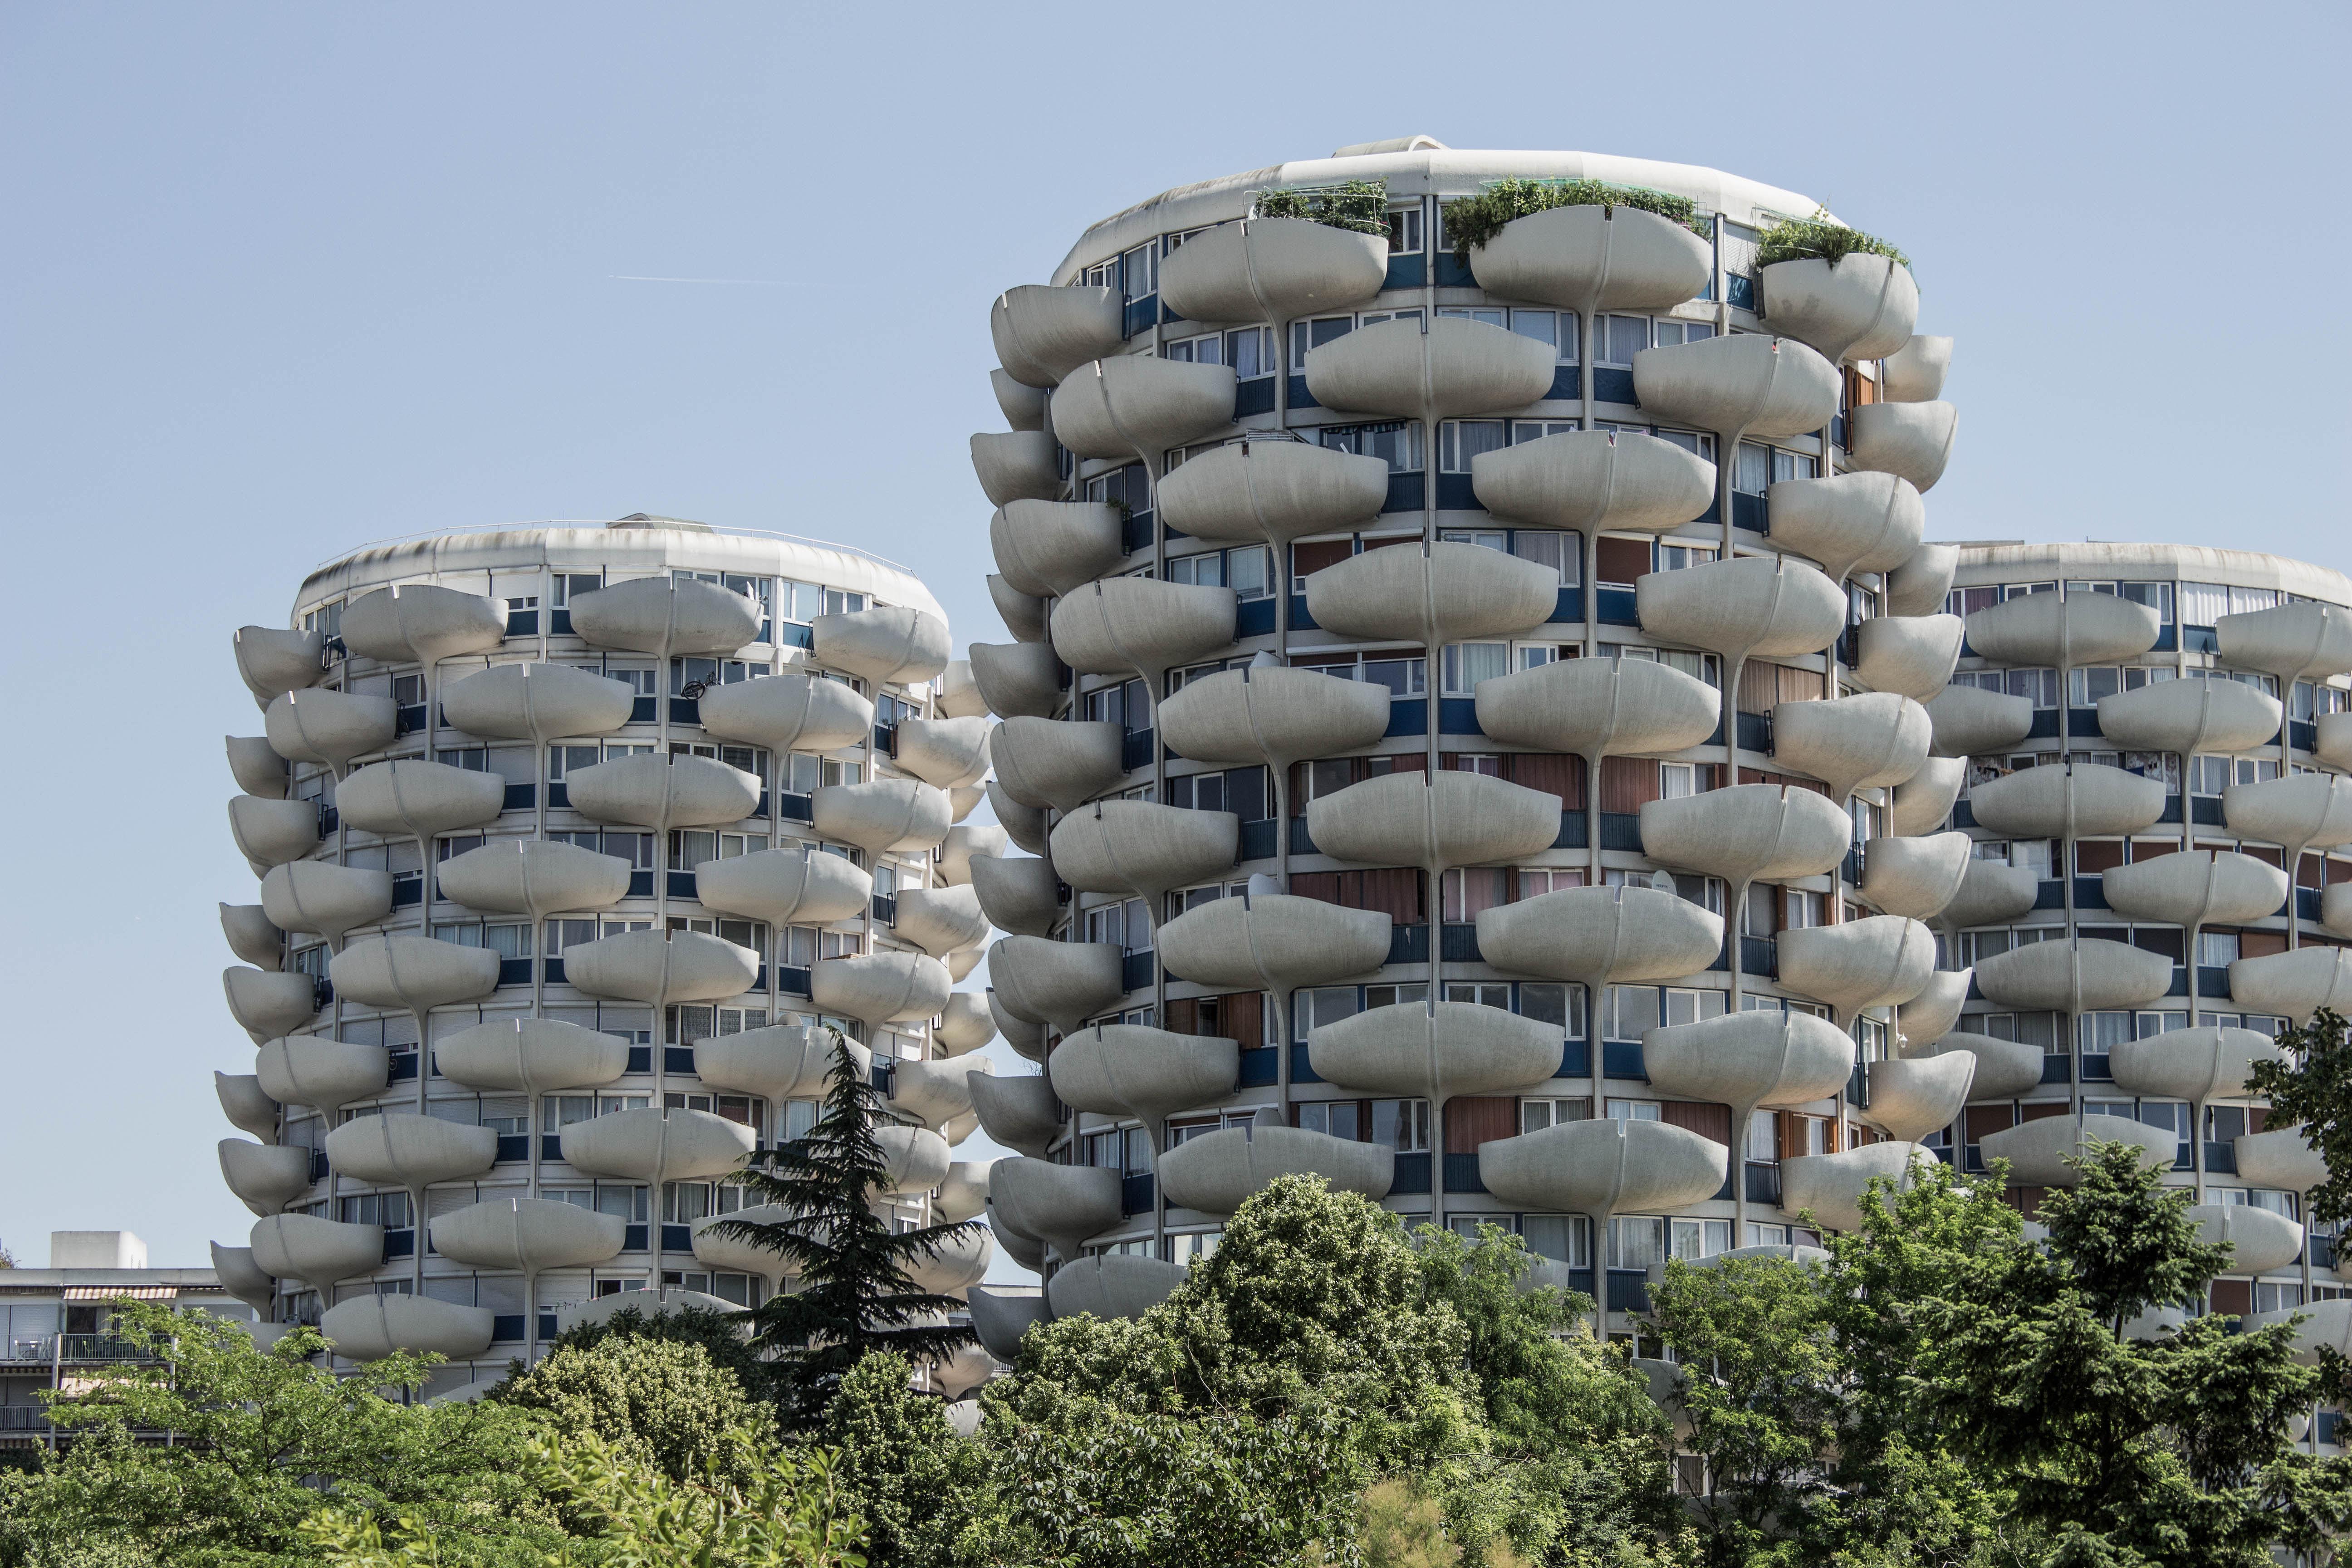 Les choux de cr teil paris brutalist constructions for Les architectures